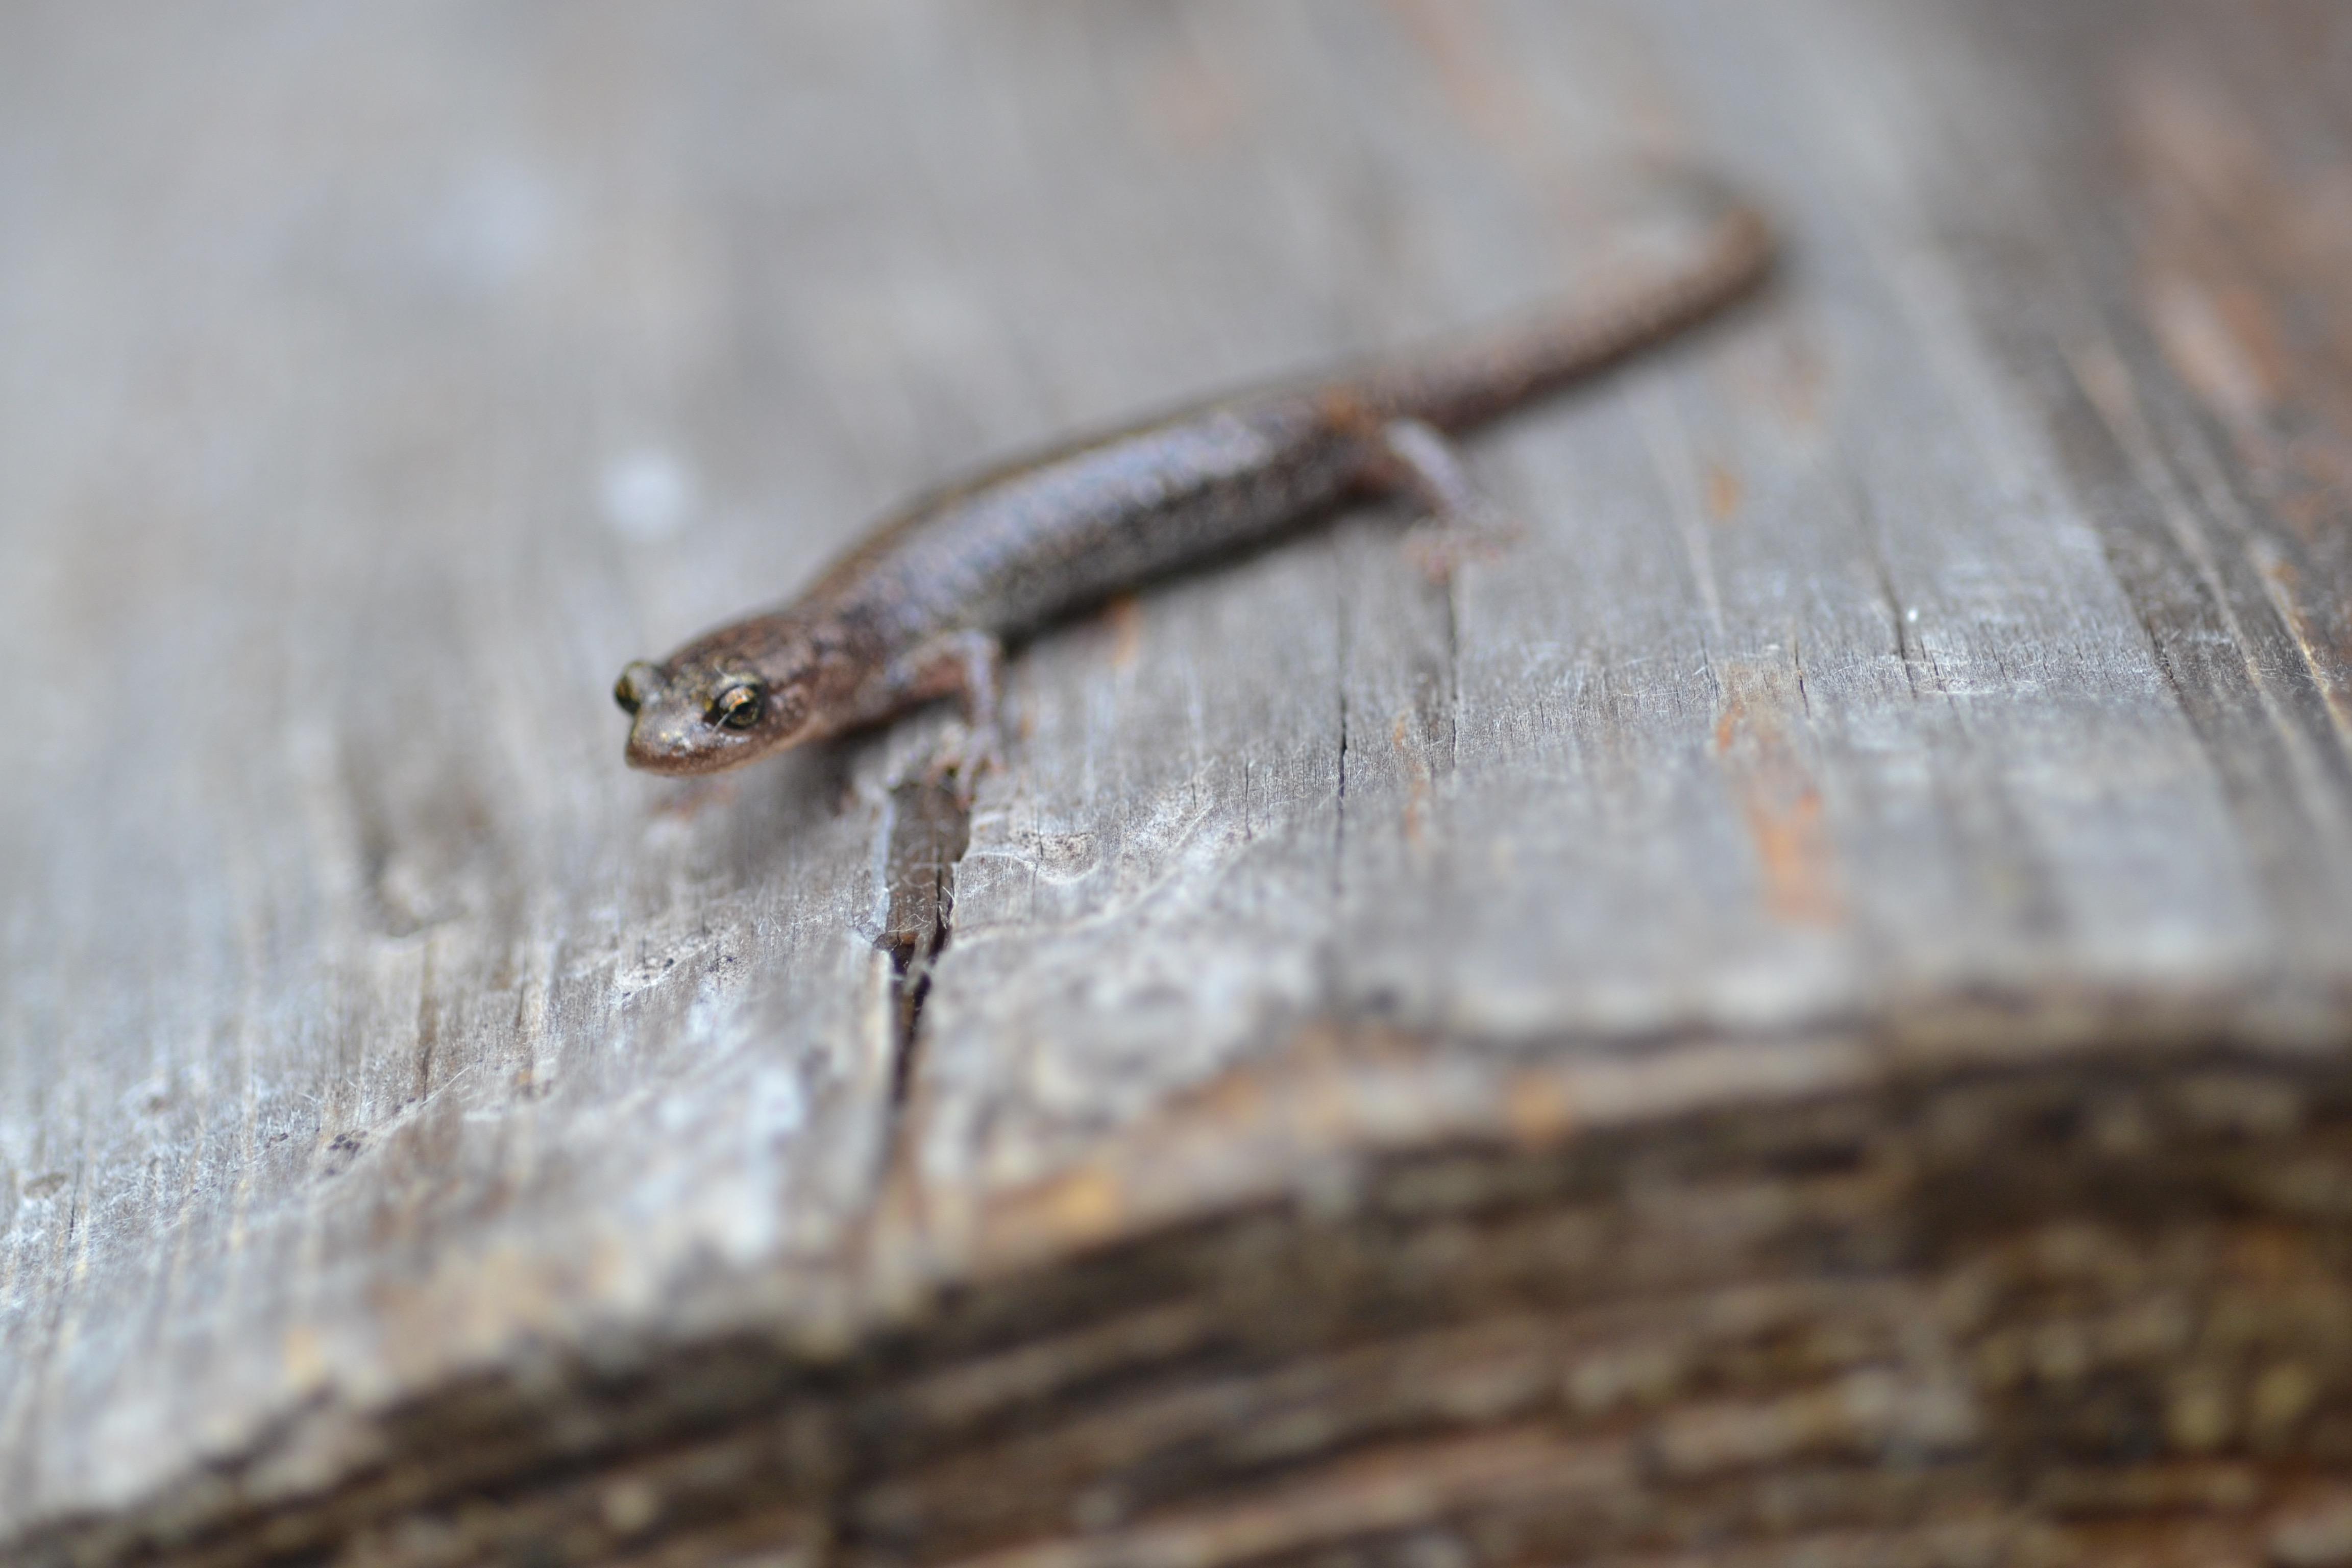 Sacramento Mountain salamander face